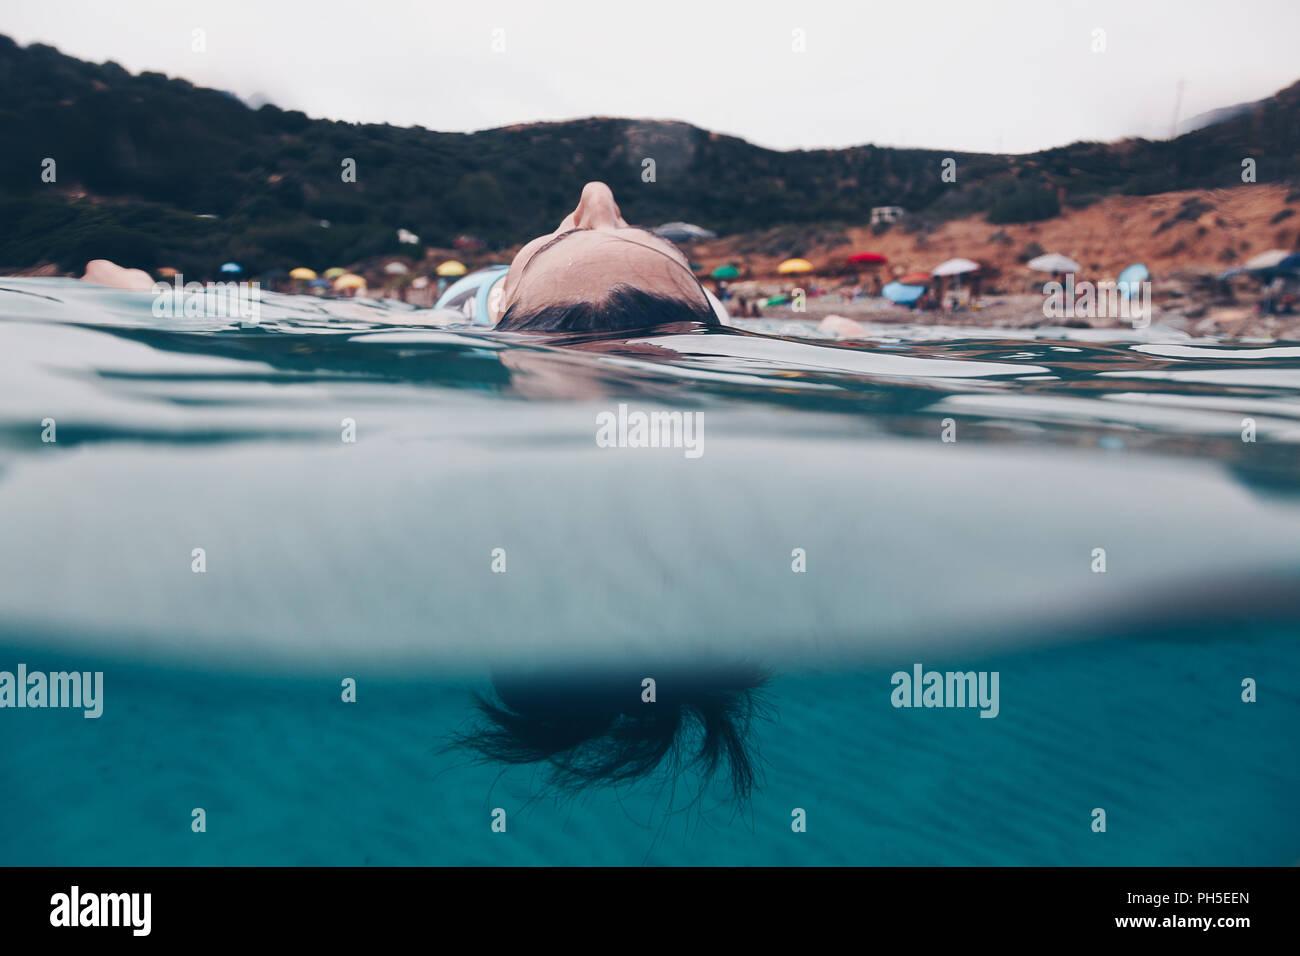 Frau, die auf der Wasseroberfläche mit geschlossenen Augen - Entspannung und Meditation Konzept. Stockbild